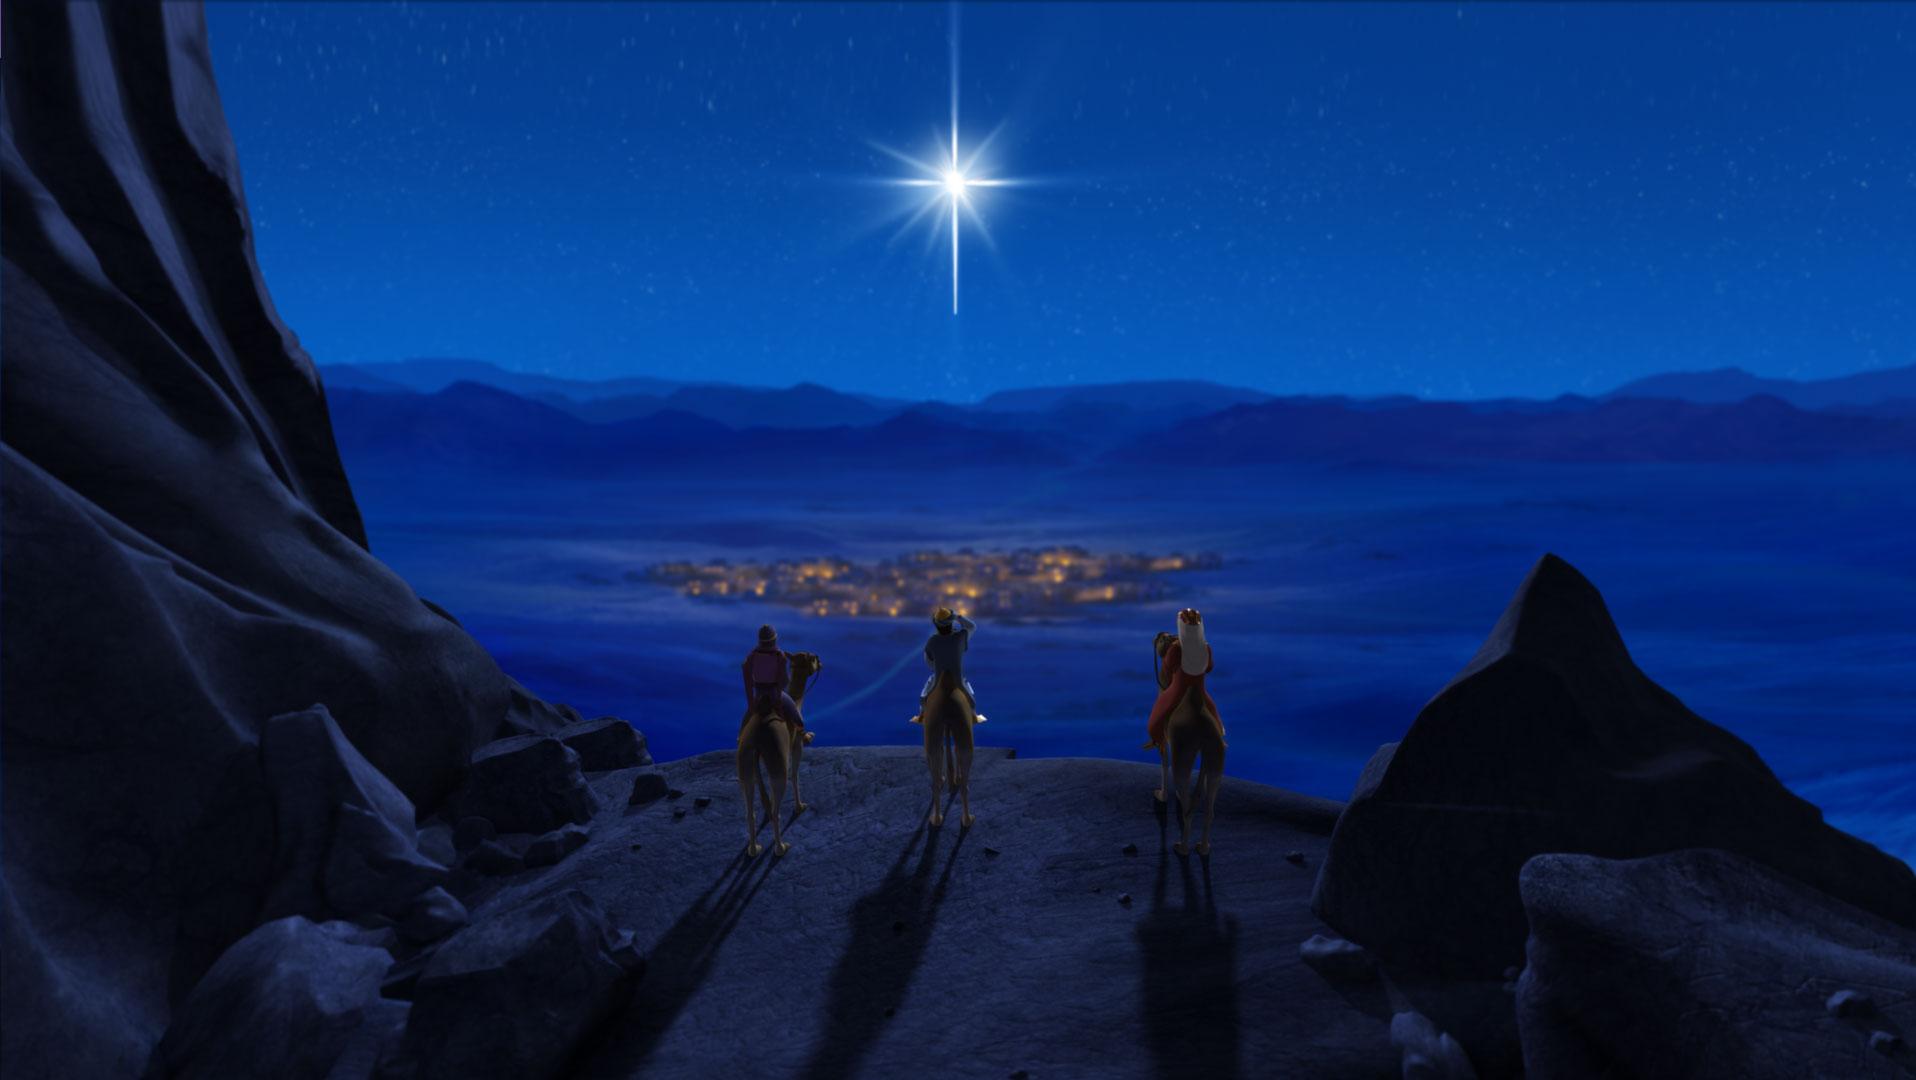 <h2>پہلا کرسمس</h2>